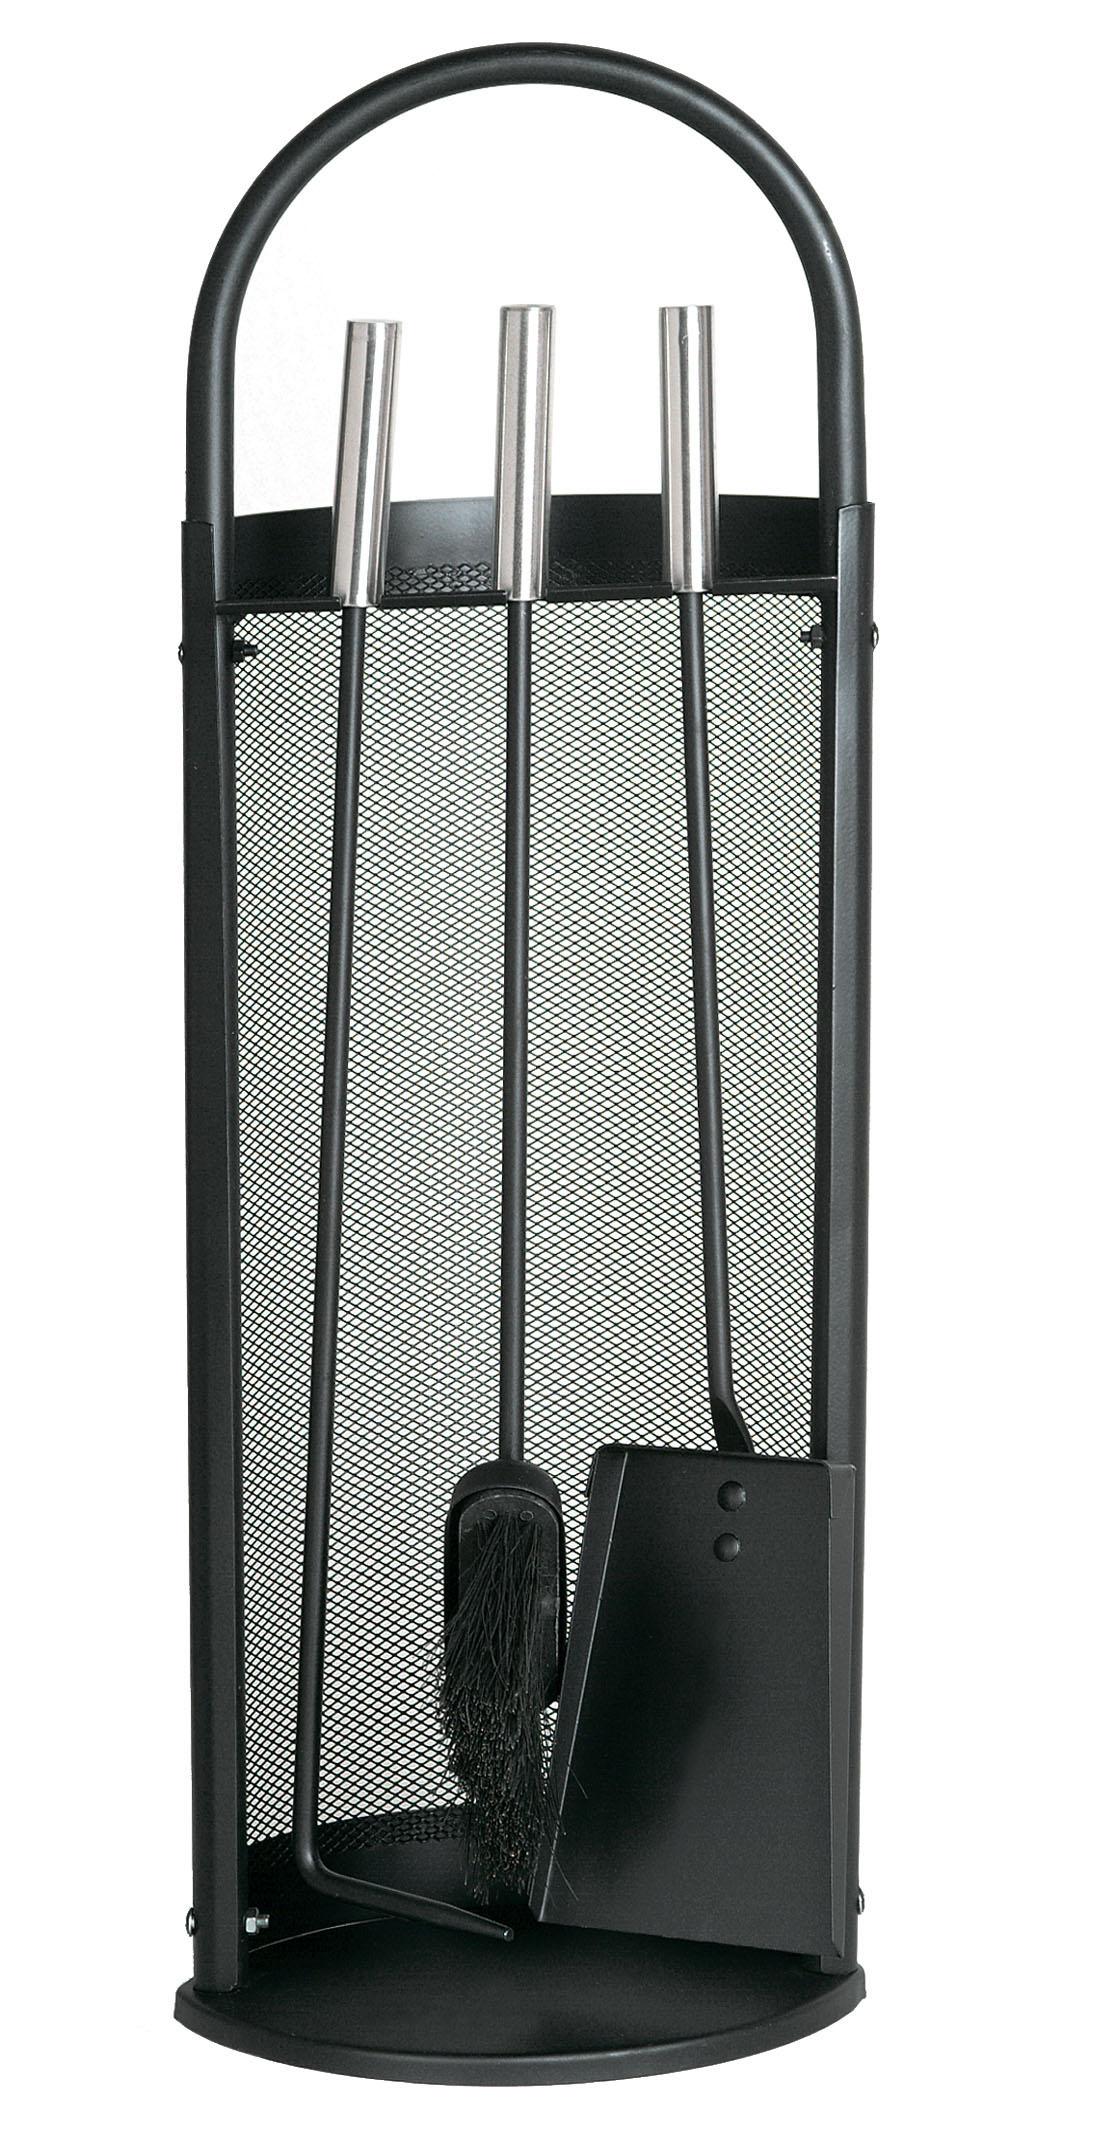 kaminbesteck lienbacher basic schwarz 3teilig edelstahlgriffe. Black Bedroom Furniture Sets. Home Design Ideas